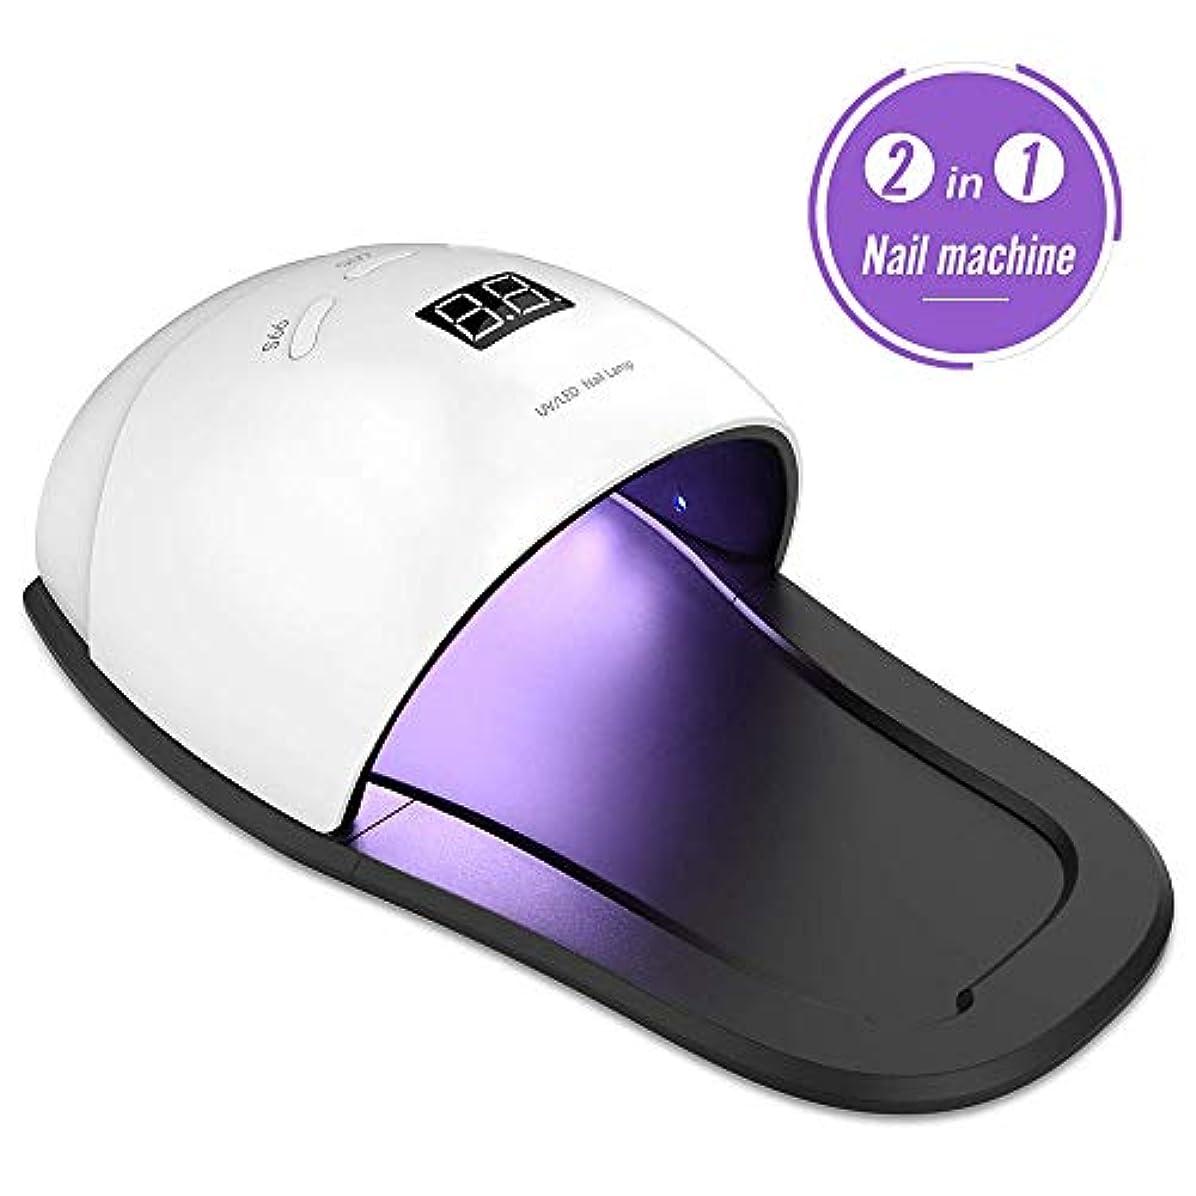 胚芽知覚できる独特のネイルランプ、LED 48W UVネイルドライヤー、足指ネイルと指ネイルを硬化させるための新バージョン、スマート自動感知3タイマー設定、ポータブルミニプロフェッショナルクイックLEDネイルキュア